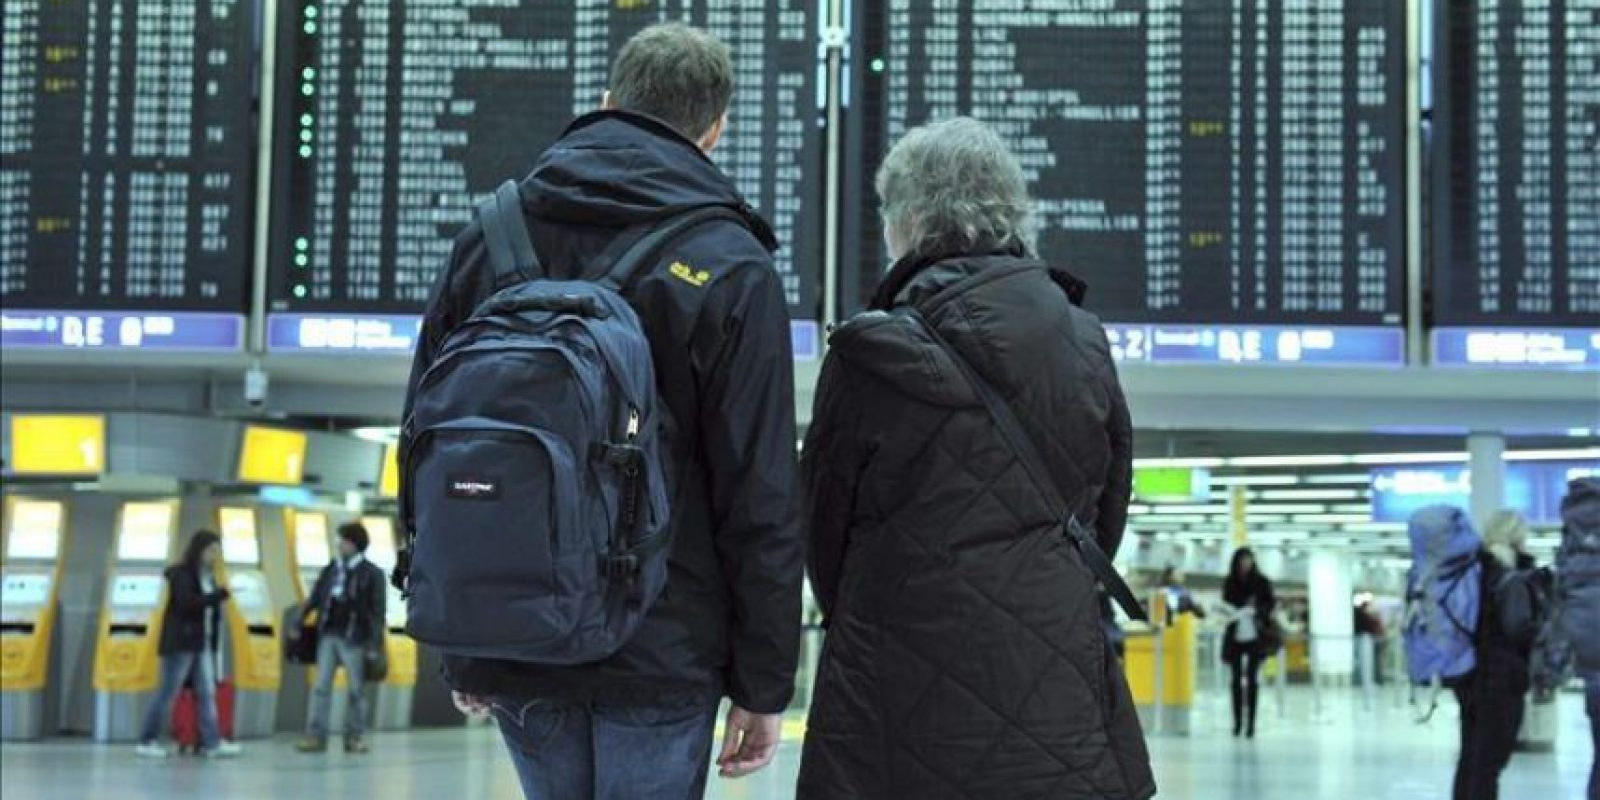 Dos viajeros buscan hoy información de sus vuelos en los paneles informativos dispuestos en el vestíbulo del aeropuerto internacional de Fráncfort (Alemania). La huelga de los controladores de tierra continúa hoy en el aeropuerto internacional alemán de Fráncfort, el mayor del continente, donde se ha anunciado la cancelación de unos 230 vuelos de los cerca de 1.300 previstos. EFE